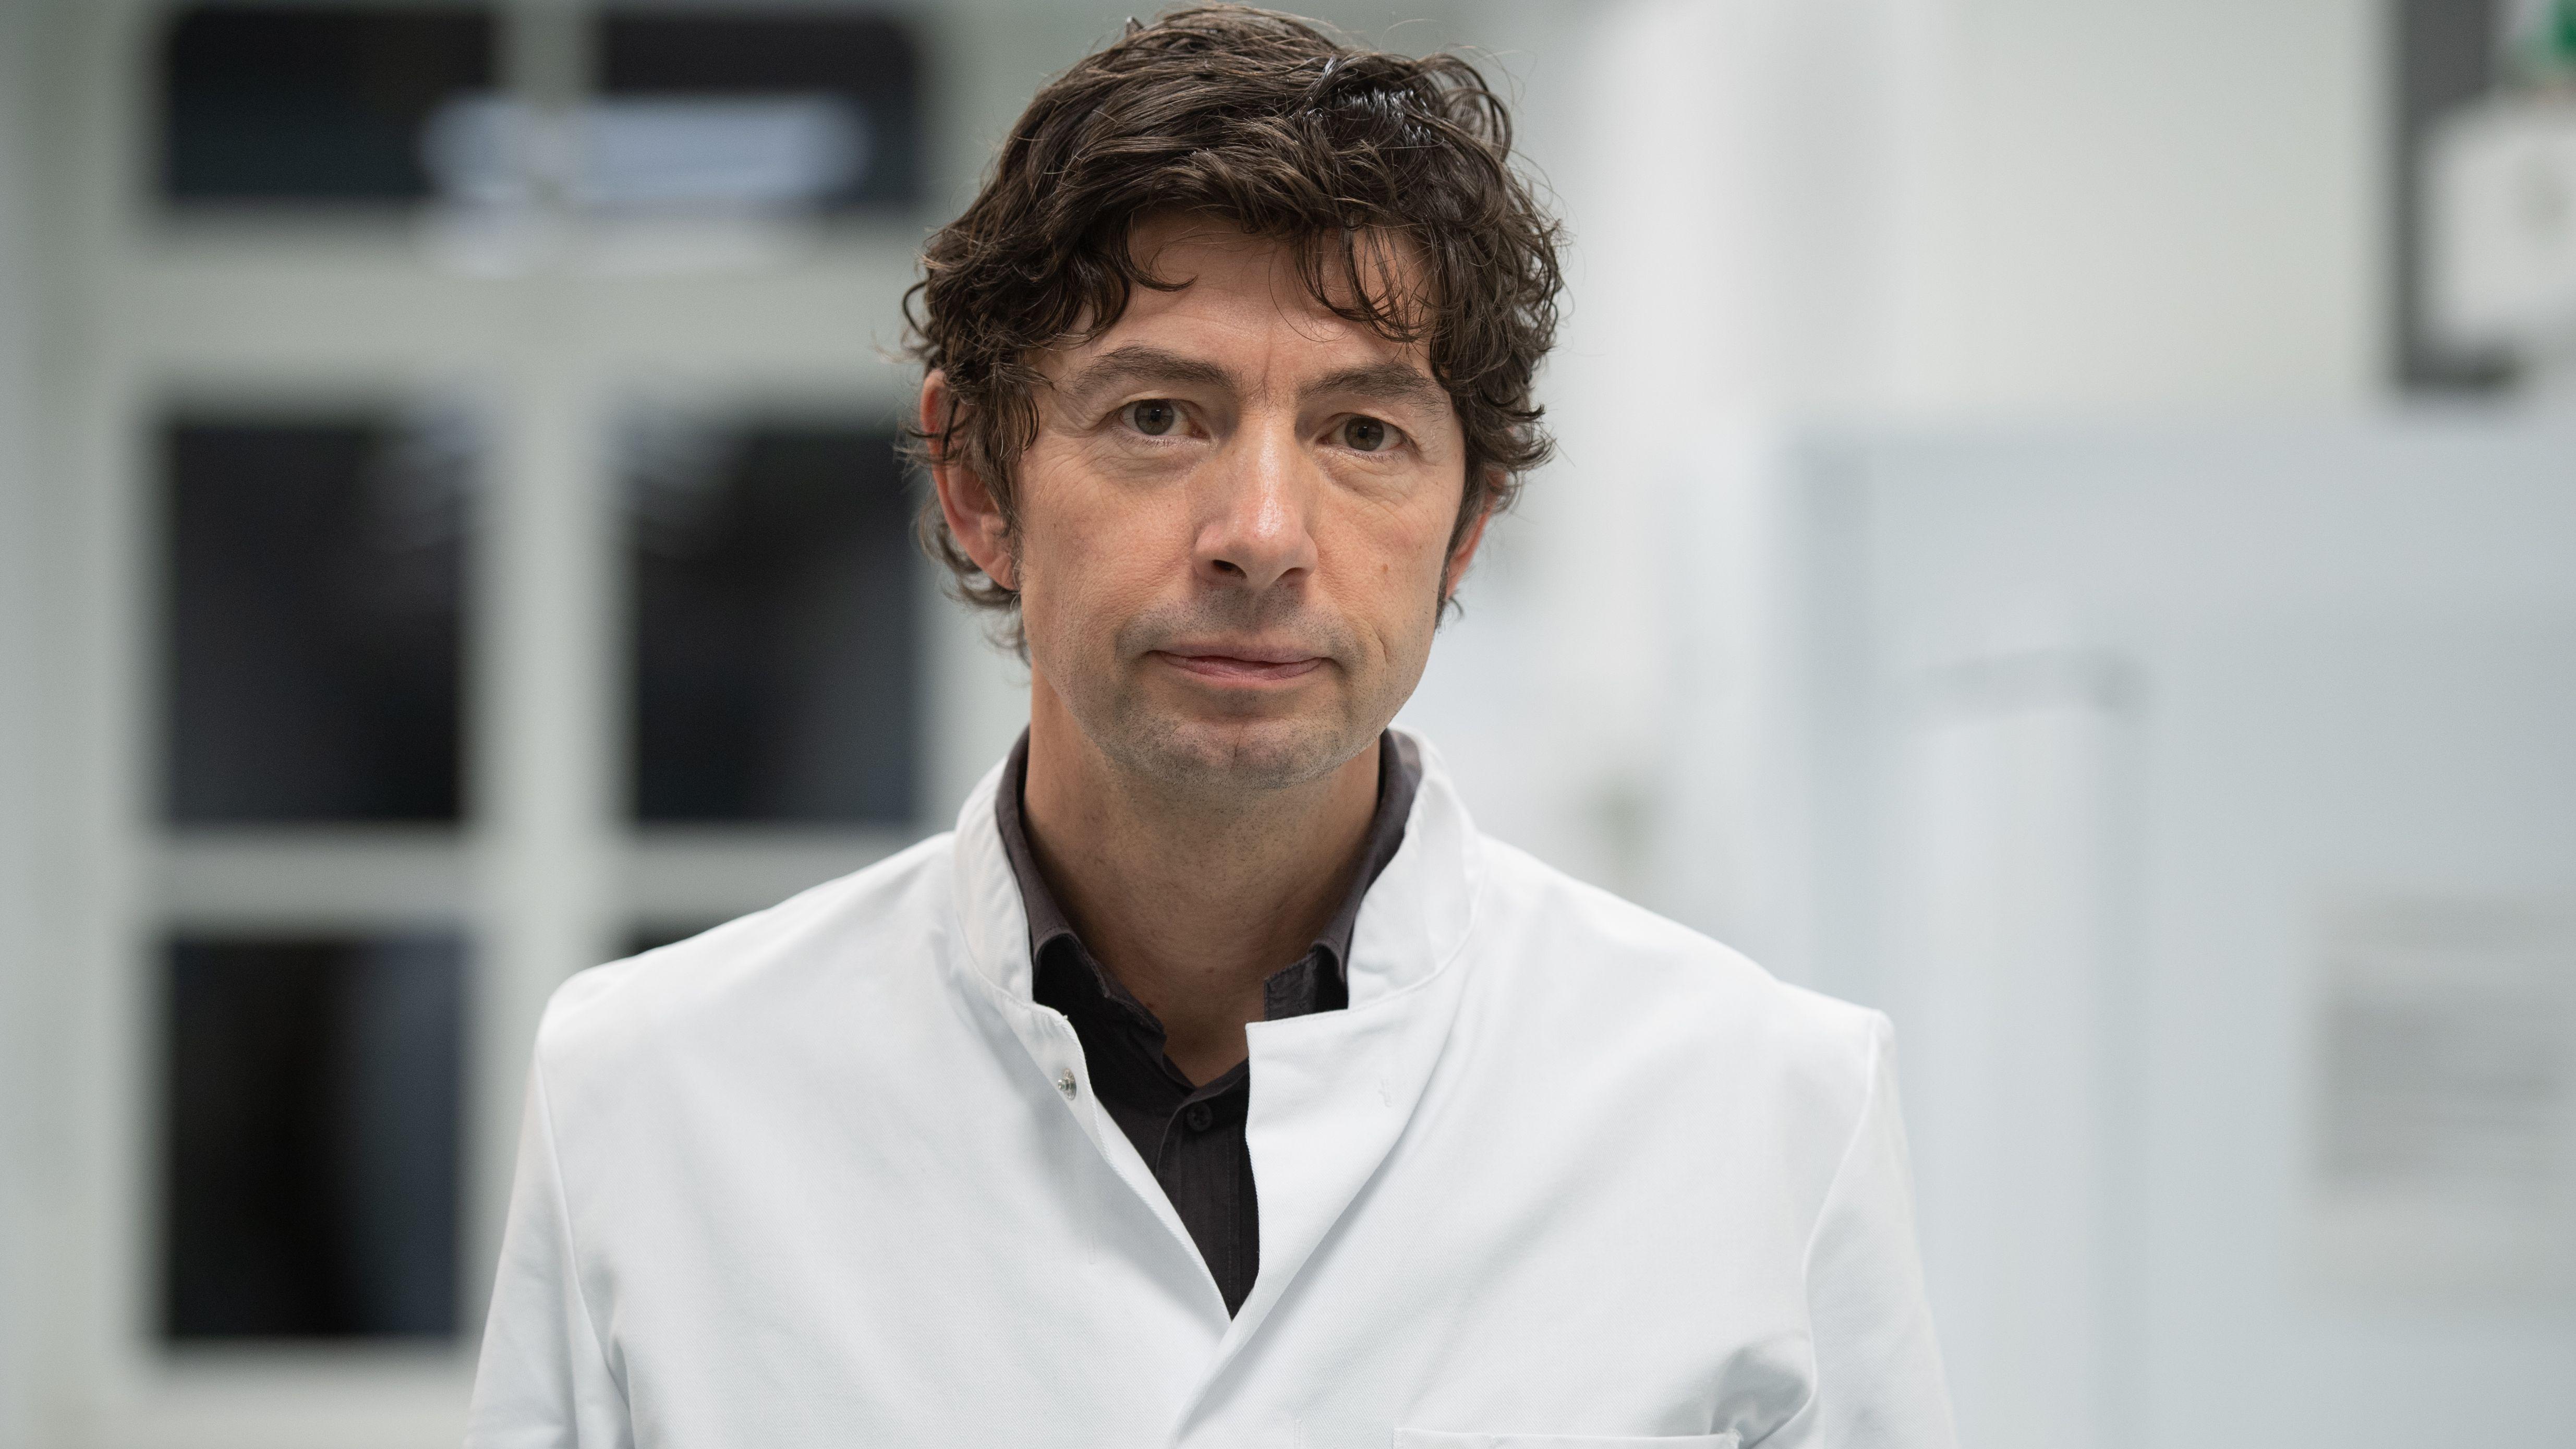 Prof. Christian Drosten, Direktor des Instituts für Virologie an der Charité in Berlin